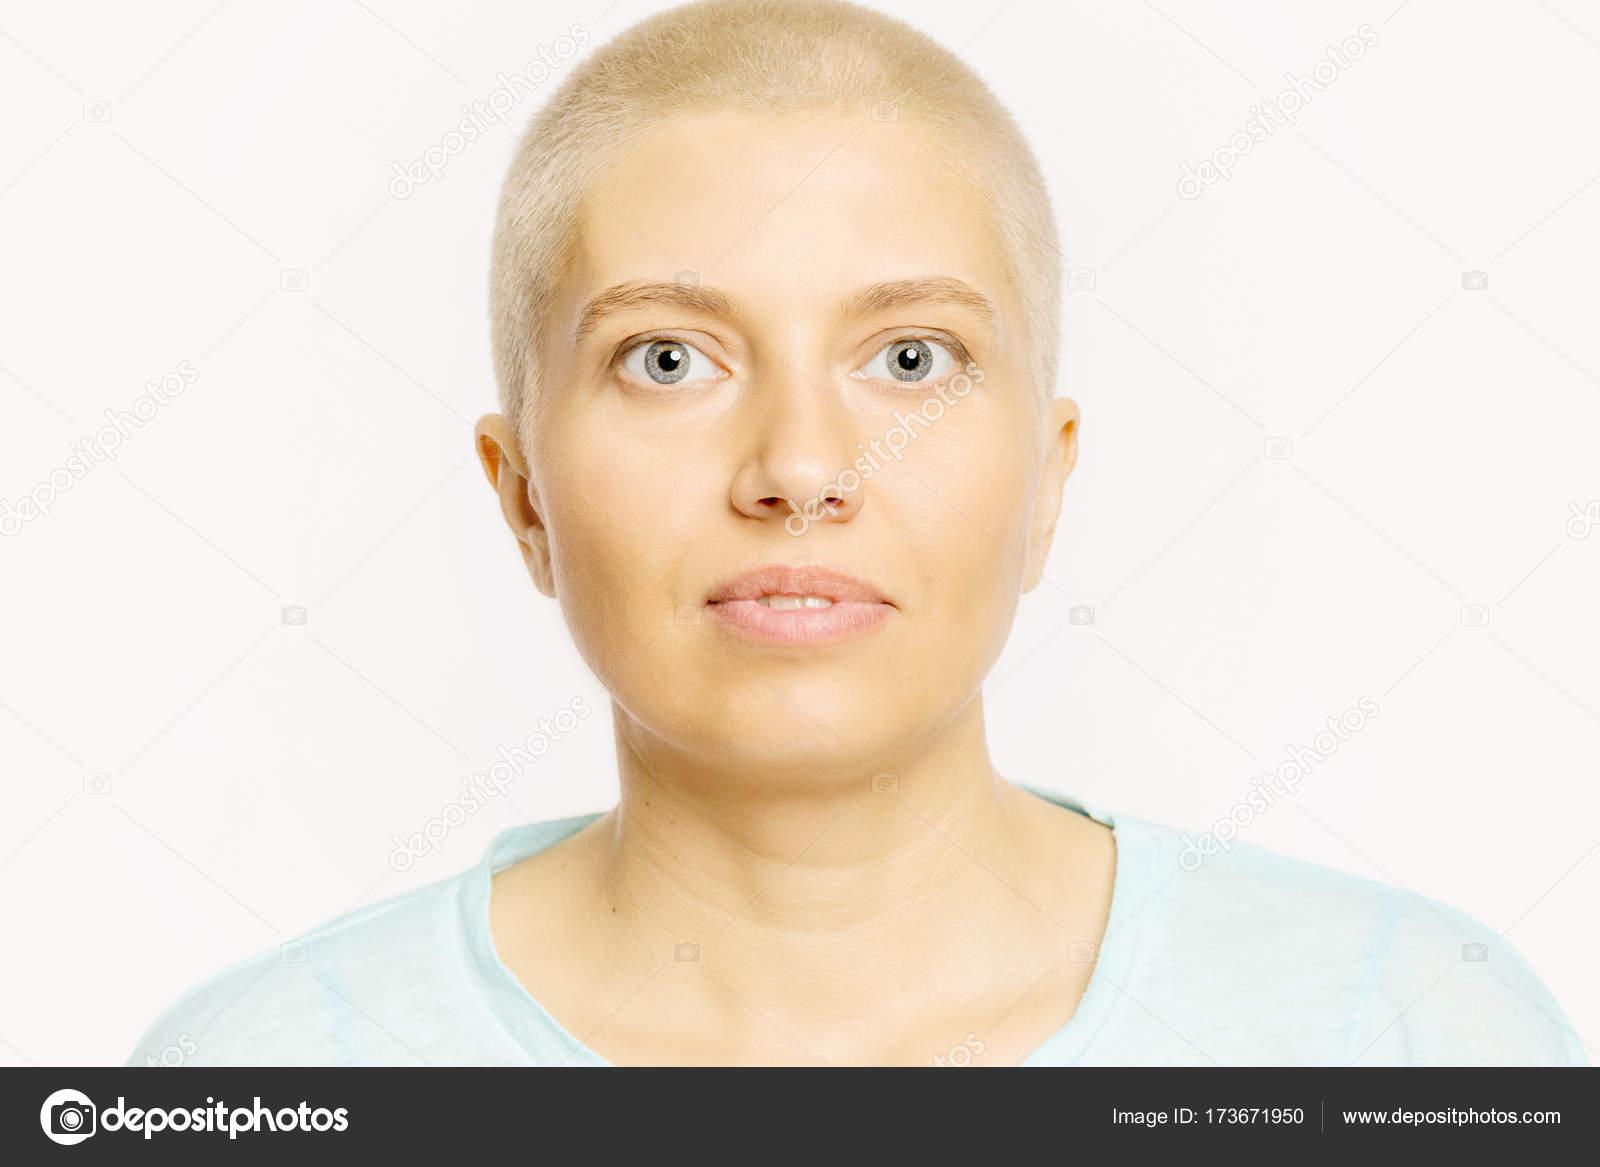 Glatze Junge Frau Mit Einem Neutralen Gesichtsausdruck Stockfoto